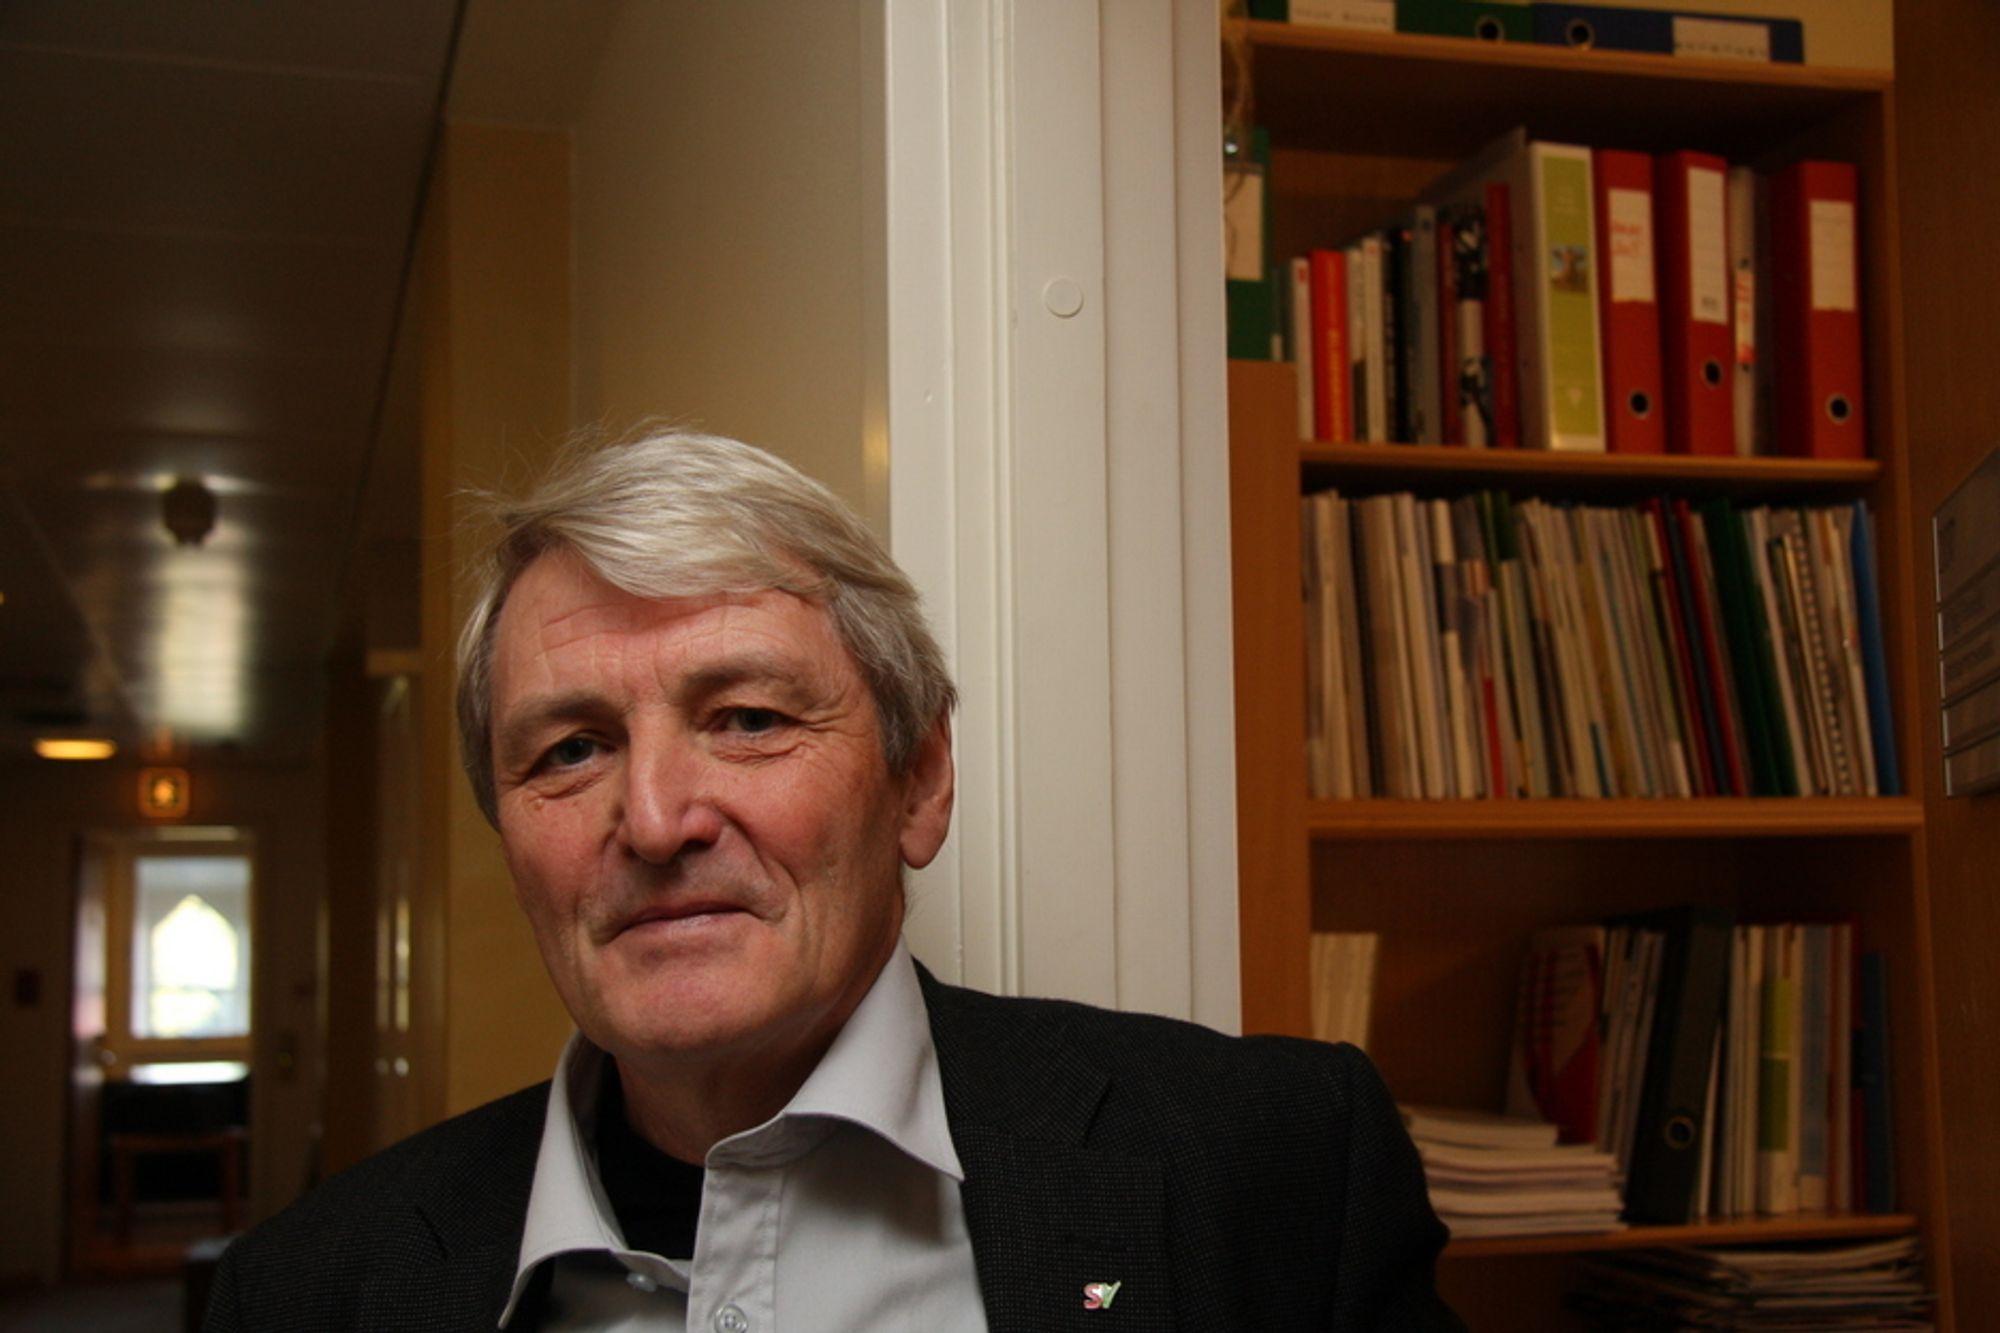 GLAD: Alf Holmelid (SV) i Nærings- og handelskomiteen på Stortinget har jobbet hardt for å få en helhetlig miljøteknologisatsing som kan gi varige arbeidsplasser. Han mener langt på vei ønsket innfris i statsbudsjettet der det varsles ny strategi for miljøteknologi.